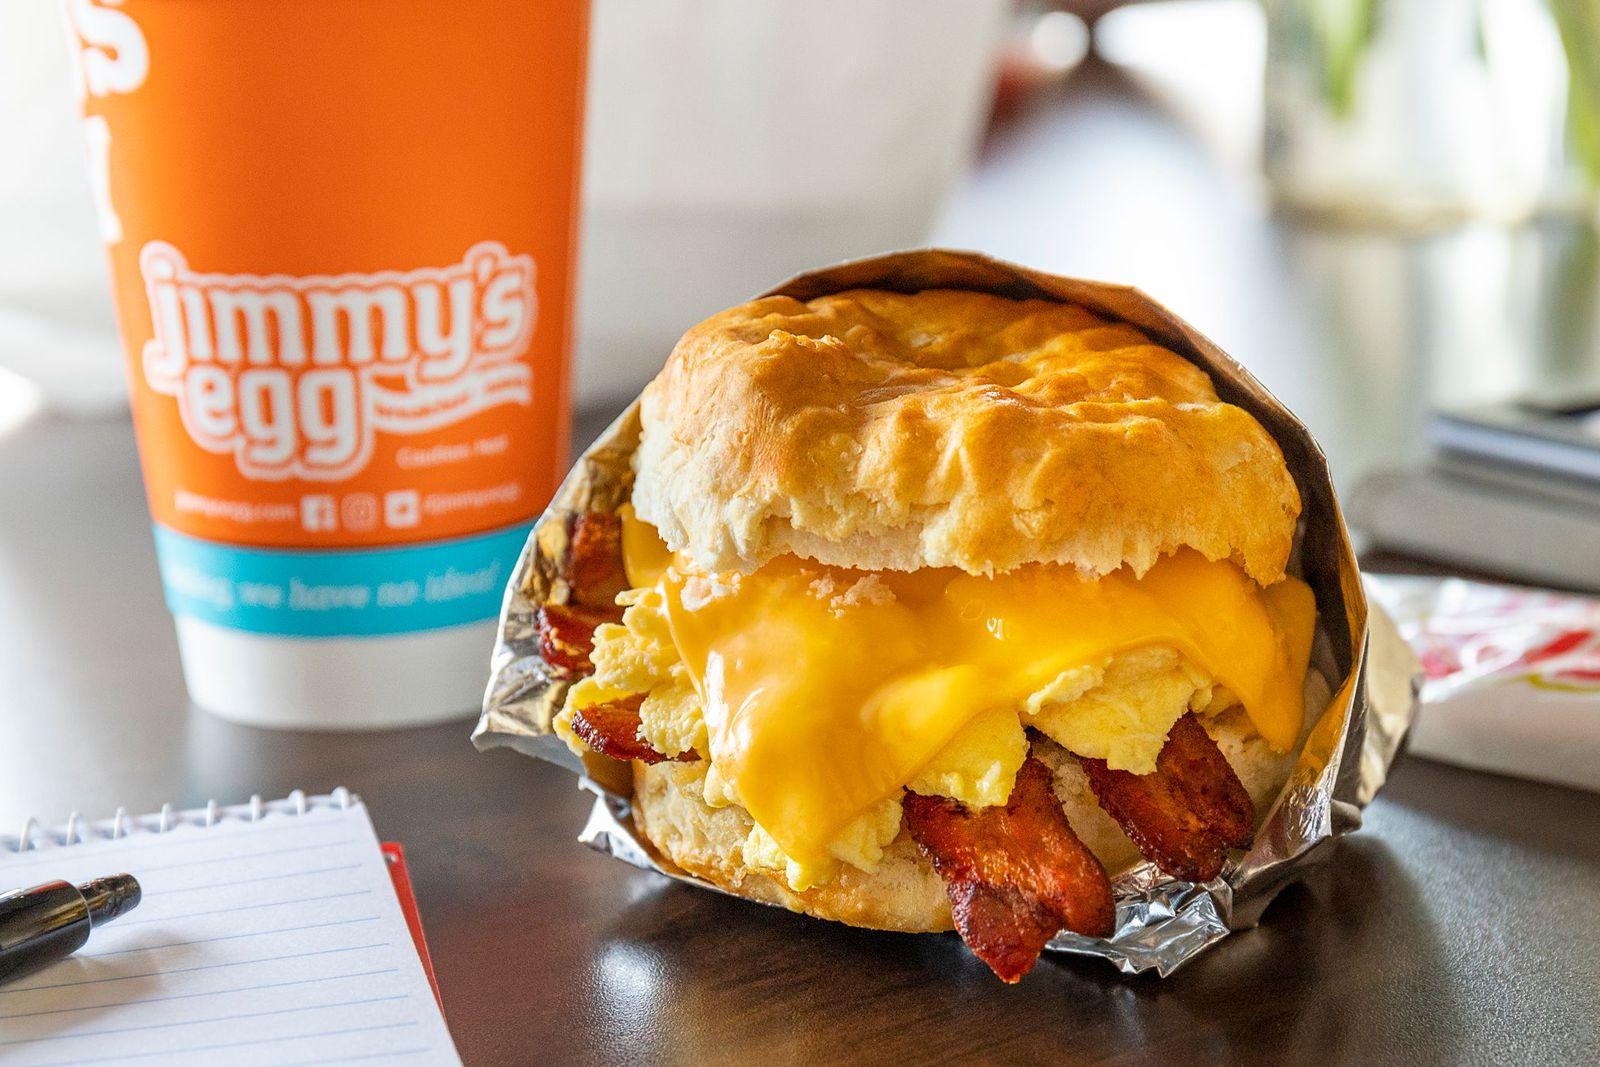 Jimmy's Egg Breakfast Biscuit Sandwich